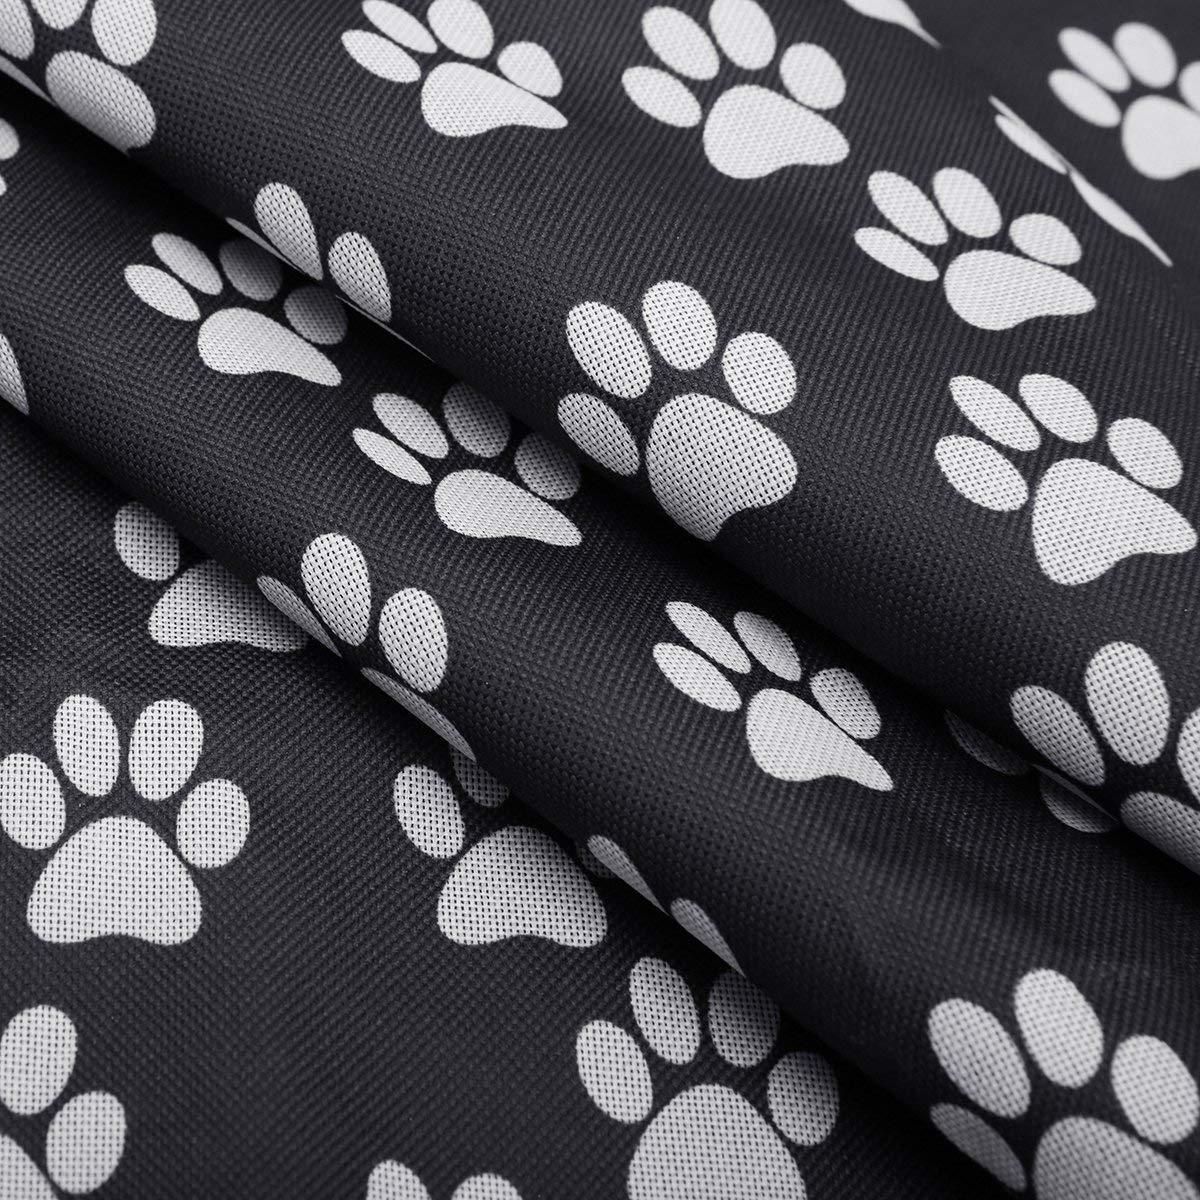 OKWEE Funda de Coche para Perro Protectore de Asiento para Perro Gato Cajone para Coche para Perro Accesorios para Viajar con Perros Gatos